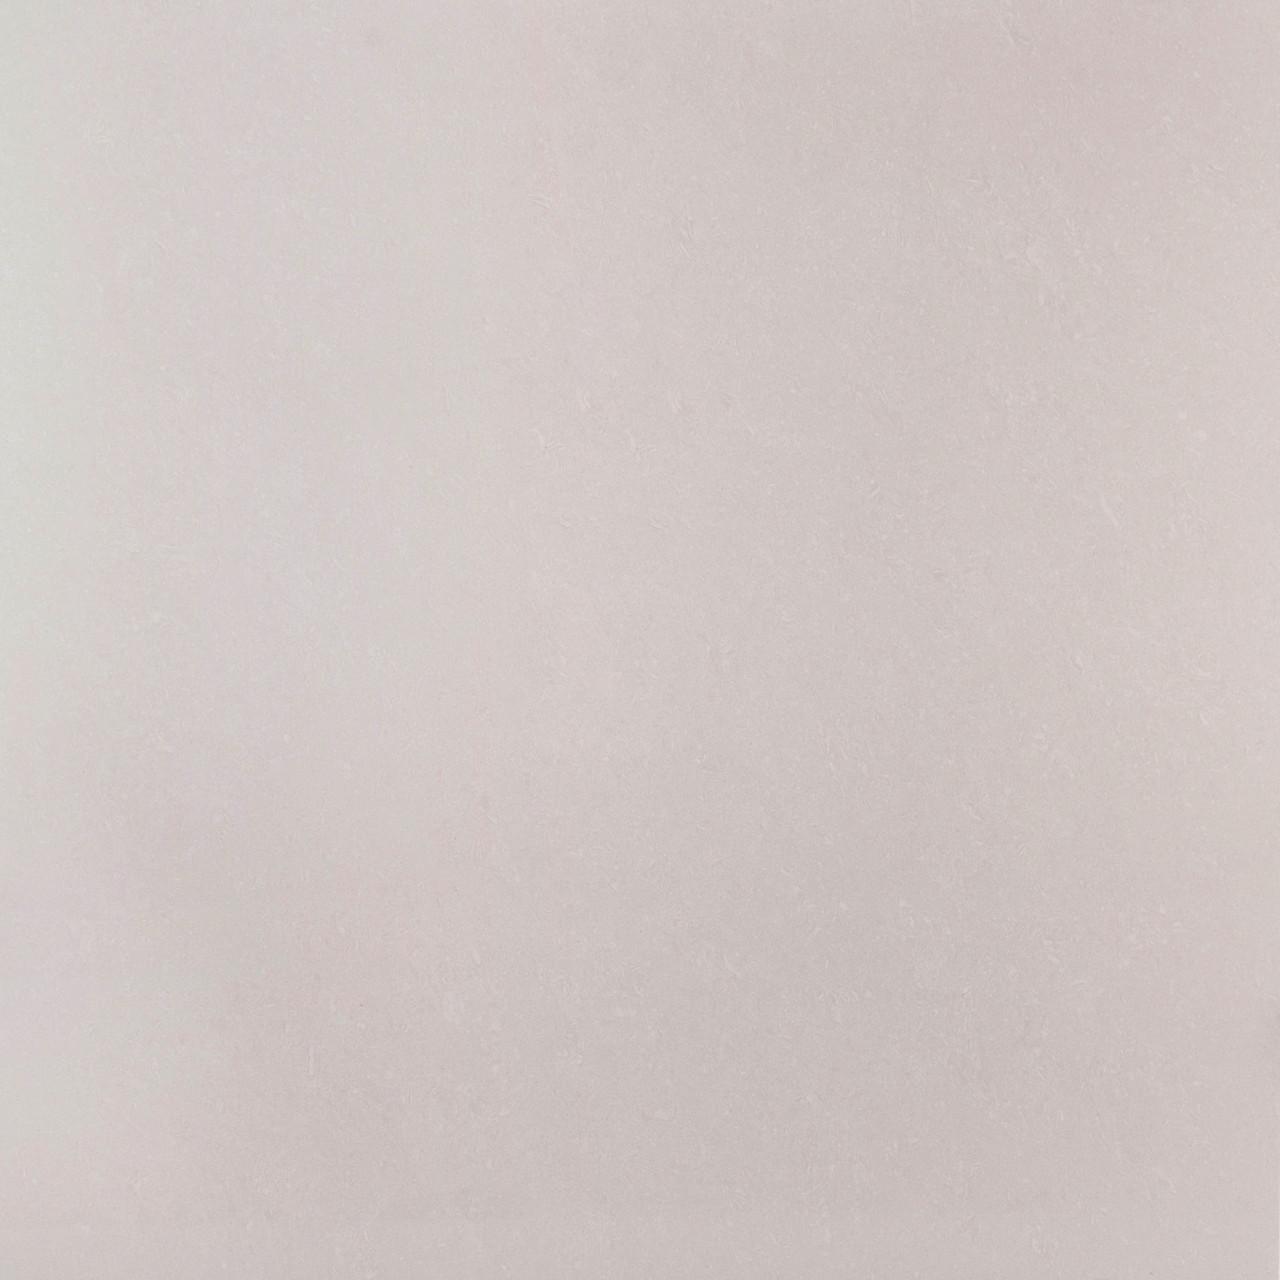 Плитка,   керамогранит микрокристал светлый, Китай, 600х600